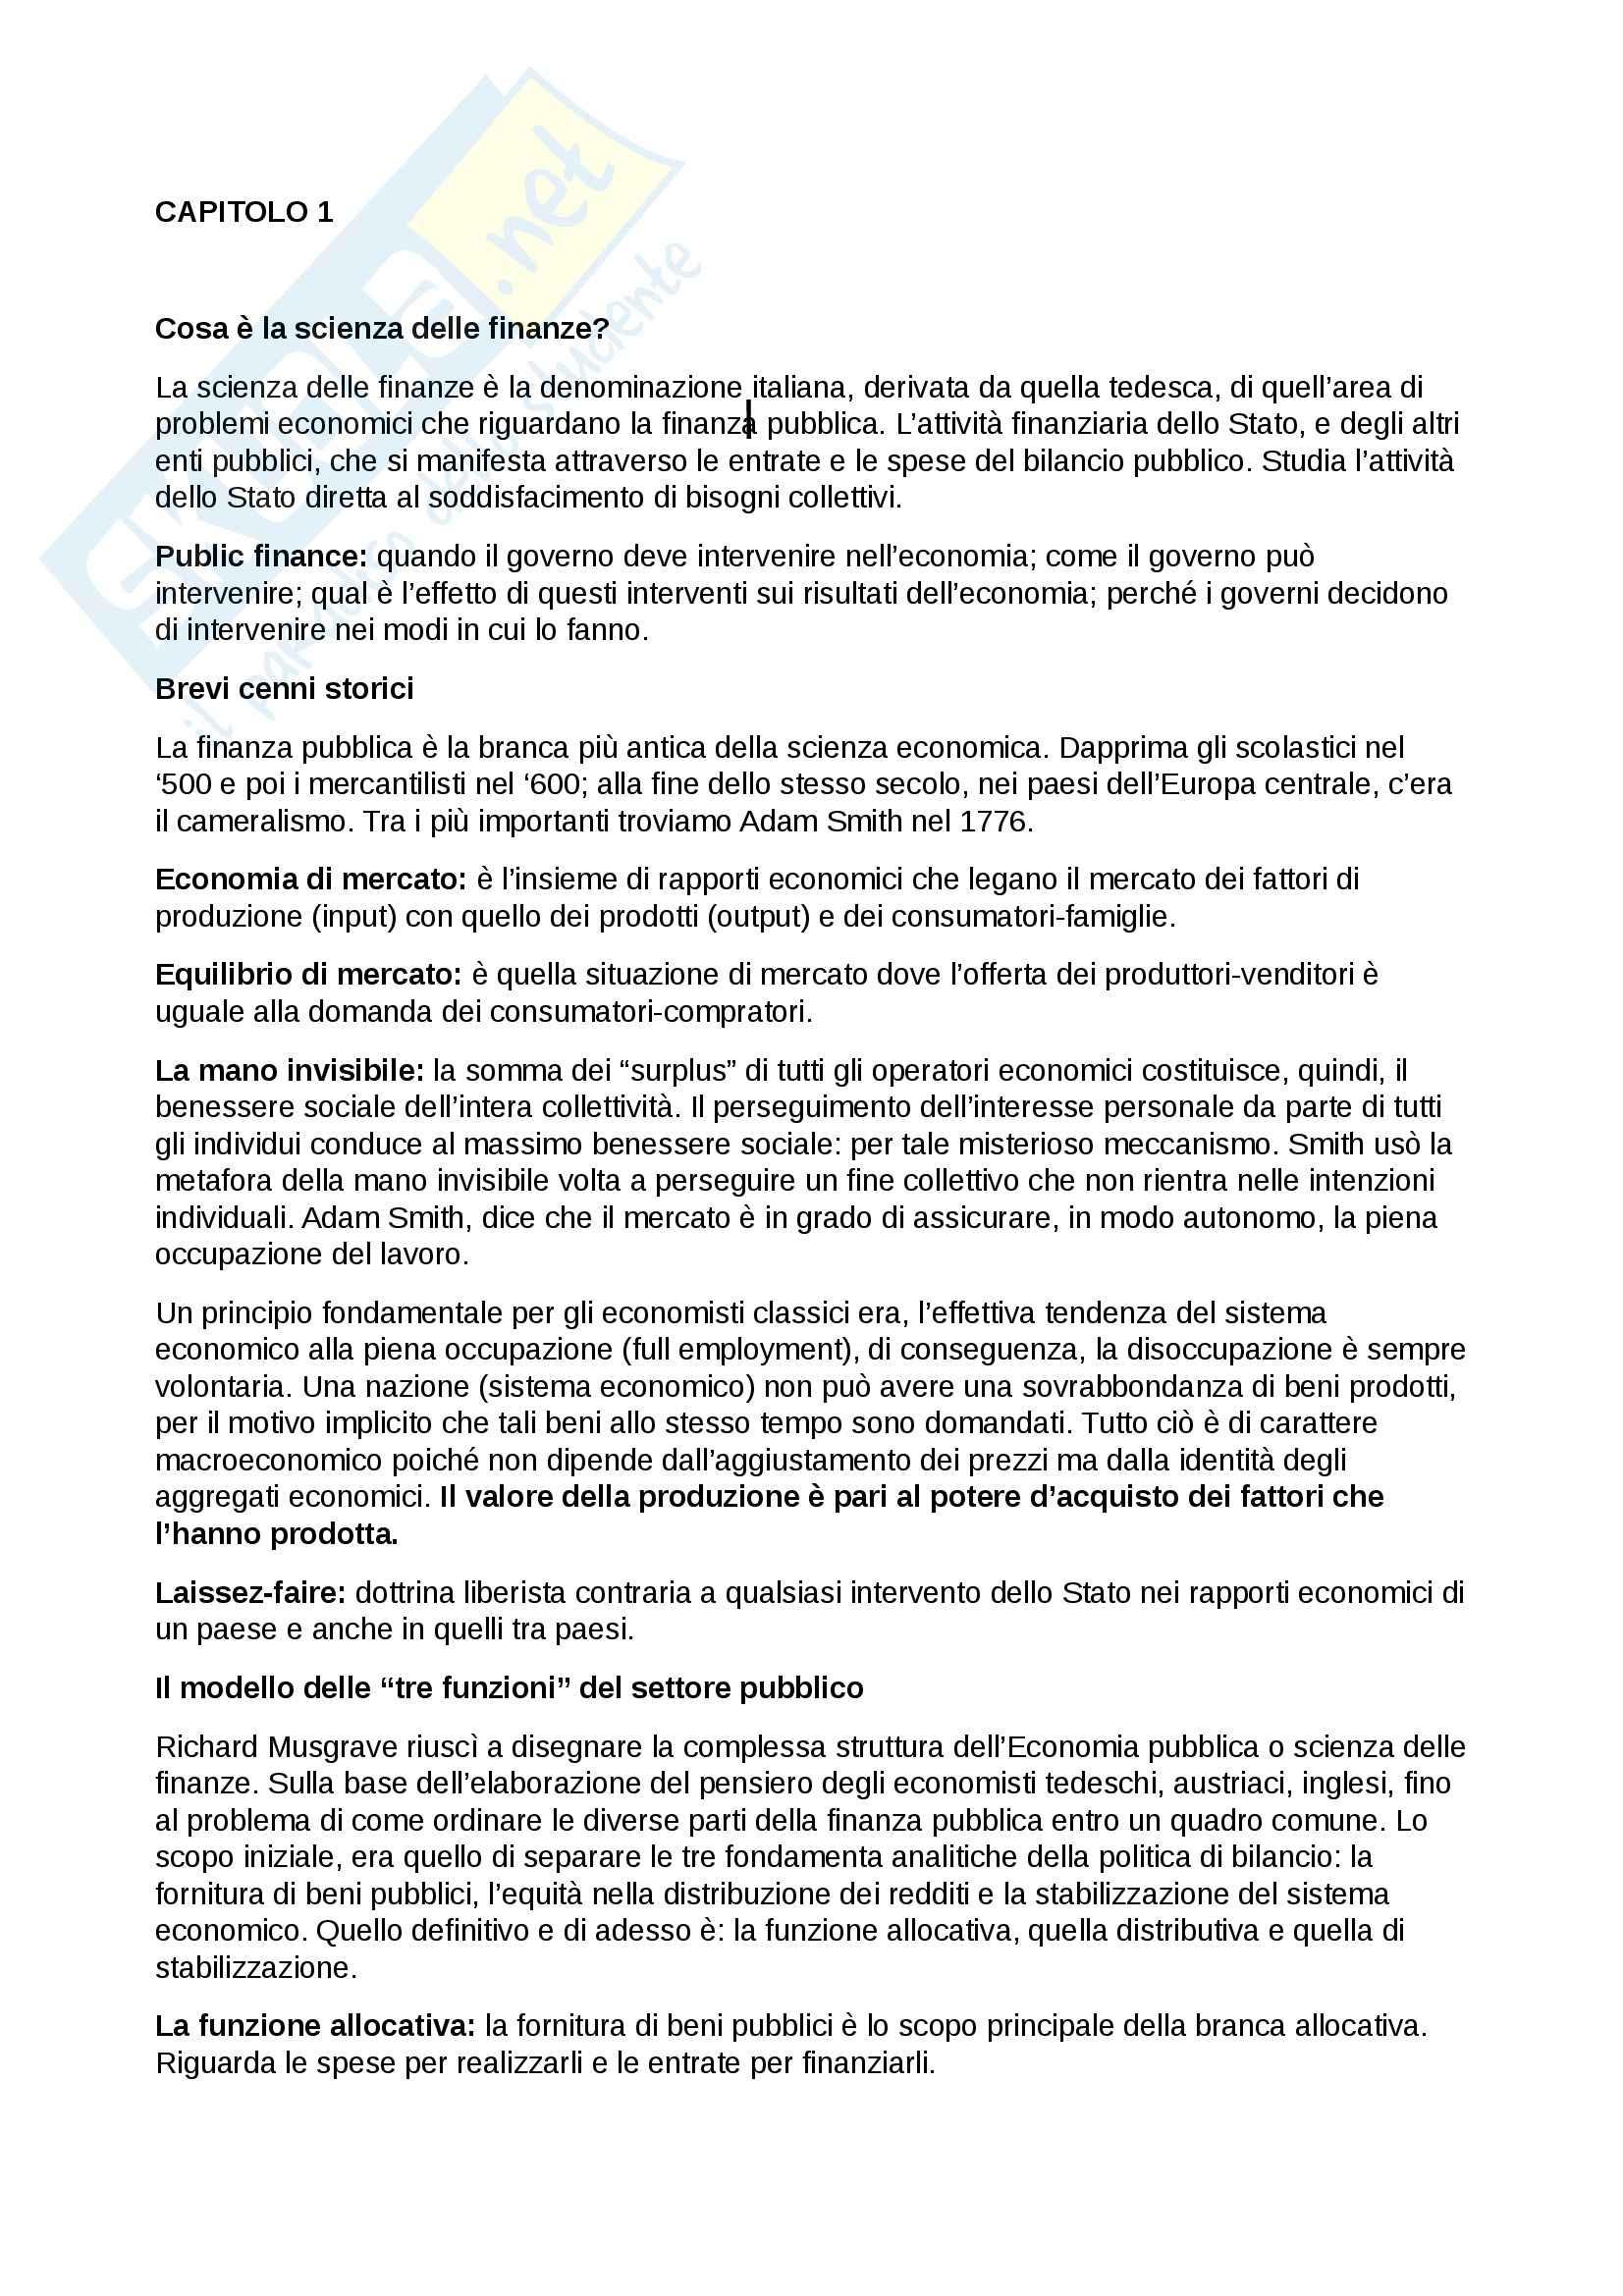 Riassunto esame scienza delle finanze, prof. De Bonis, libro consigliato Lezioni di scienza delle finanze, Campa